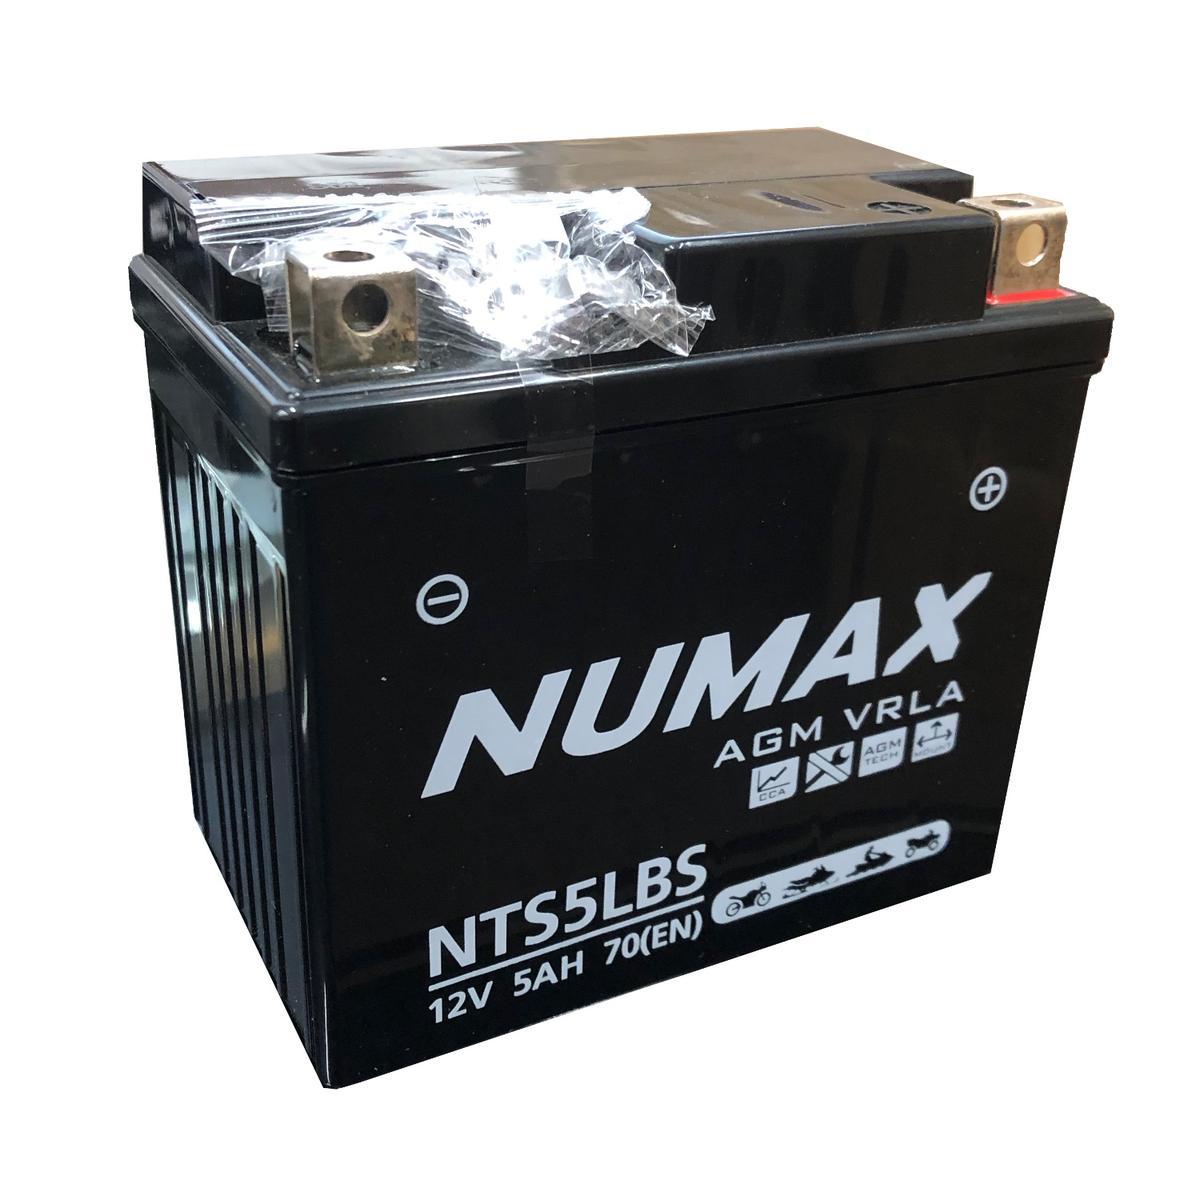 Numax 12v NTS5LBS Motorbike Bike Battery PEUGEOT 100cc SpeedFight YTX5L-4